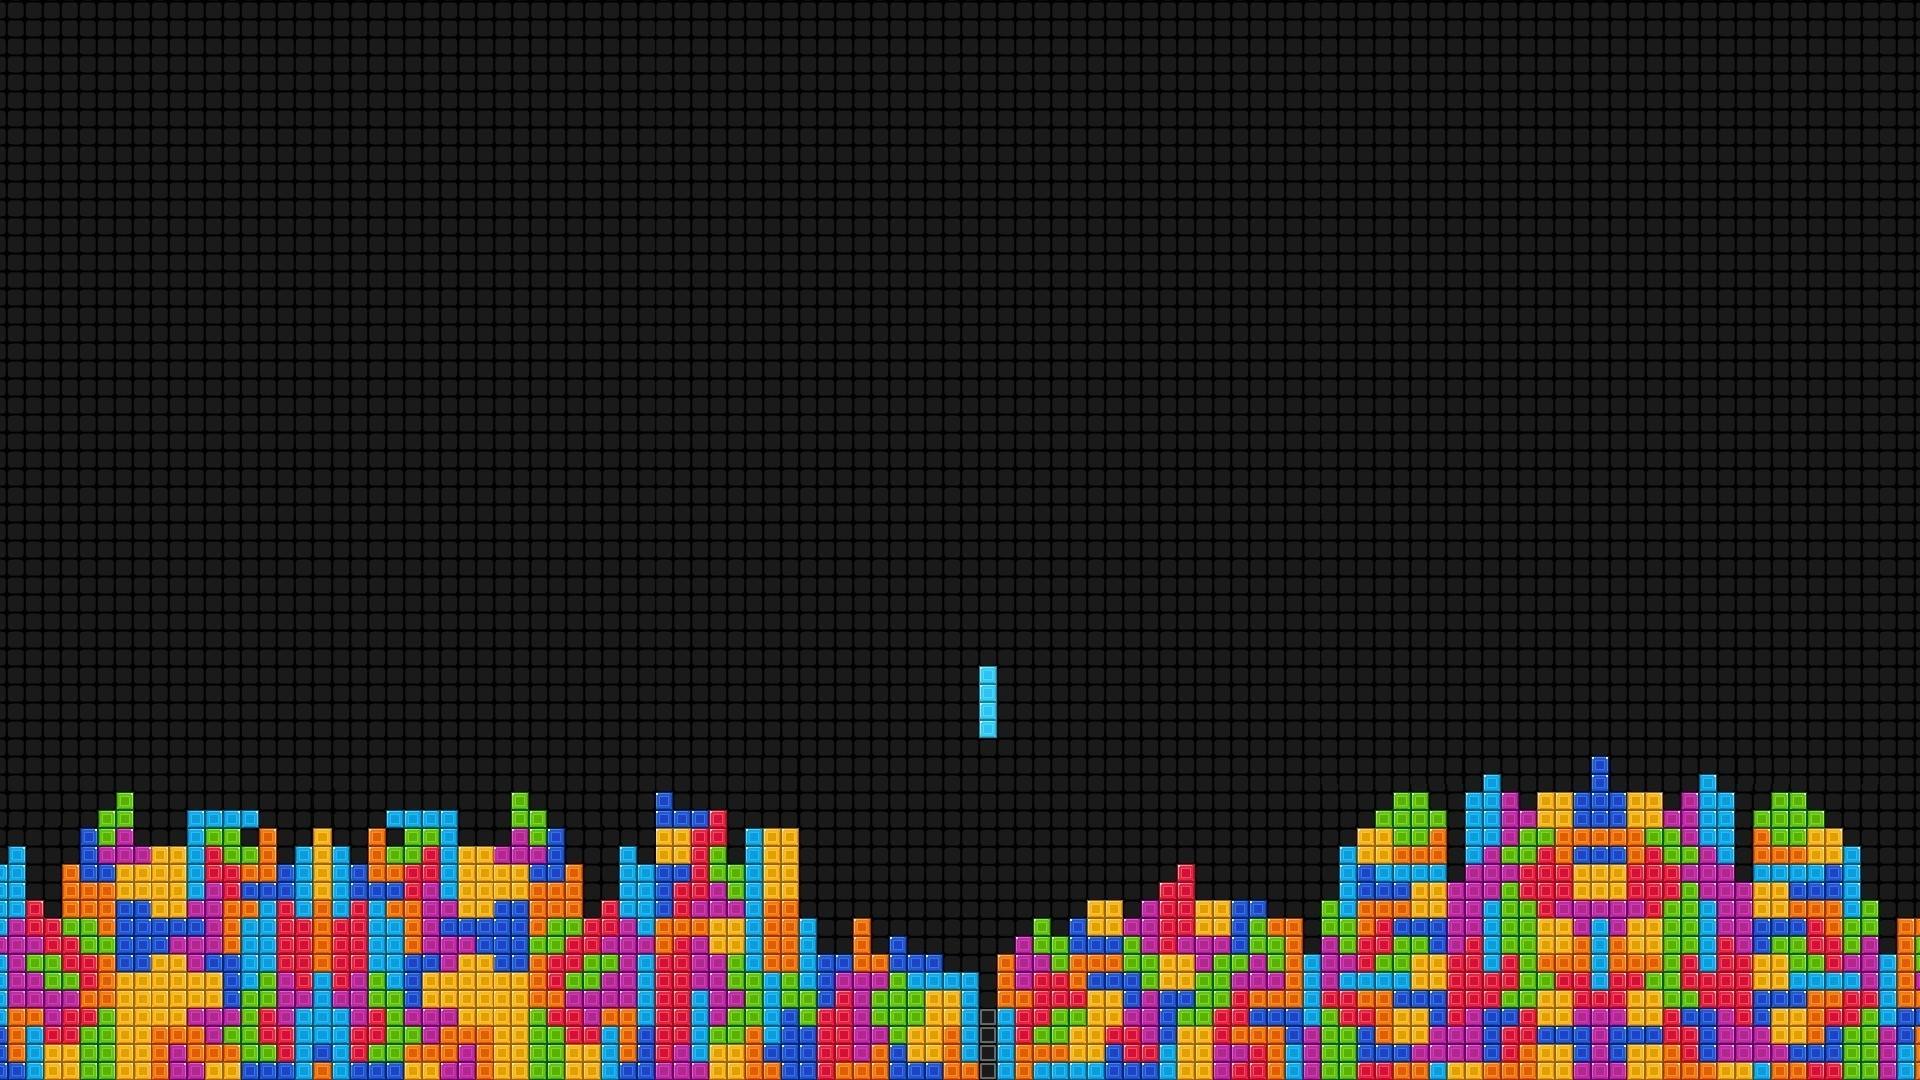 gaming desktop background 72 images